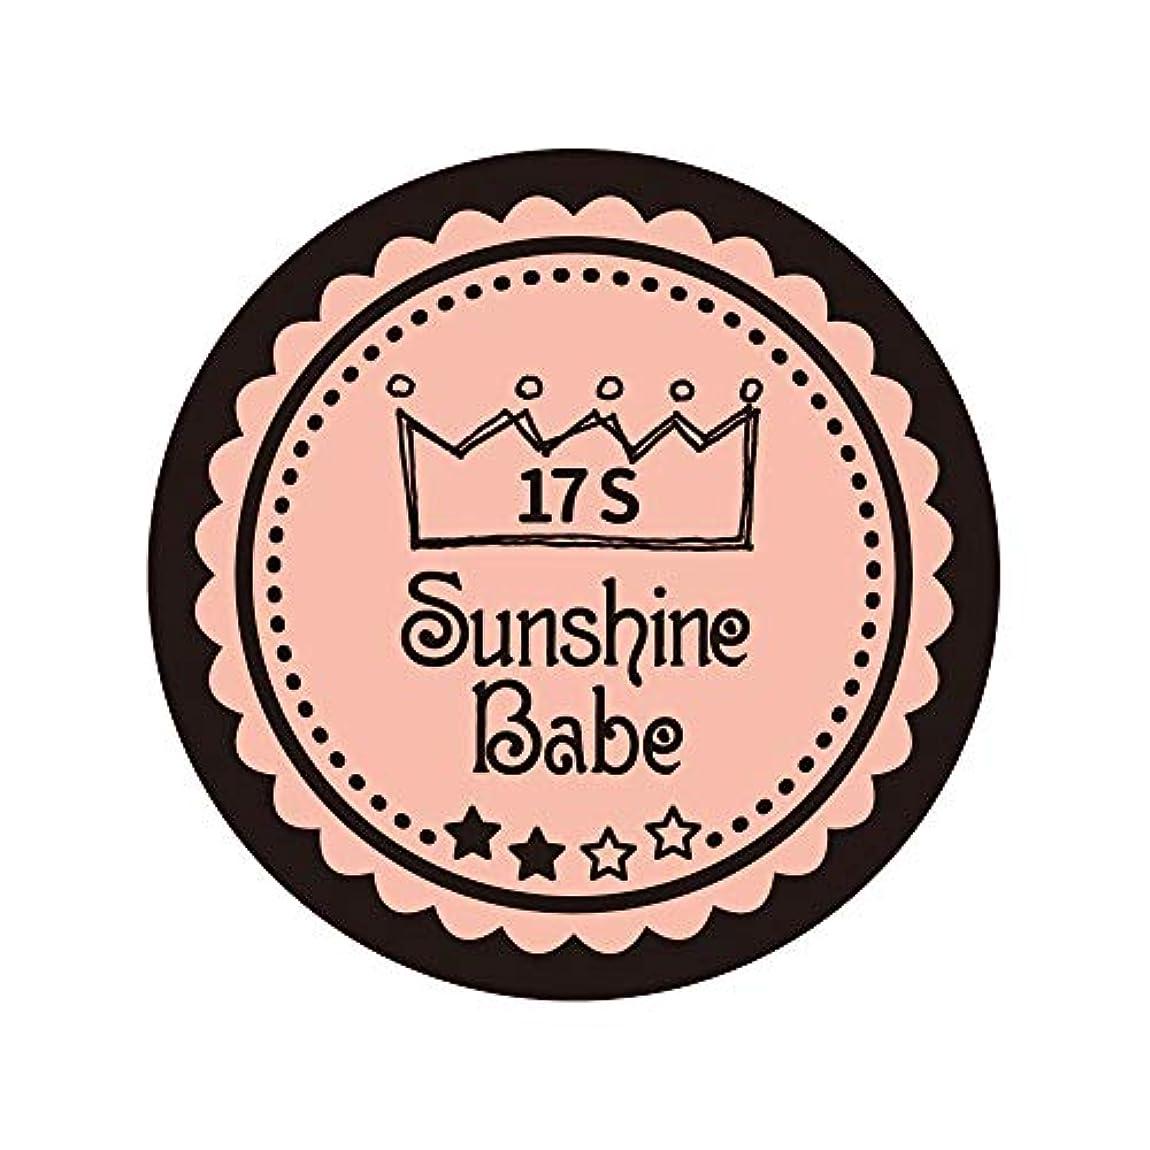 記憶に残る系統的任意Sunshine Babe カラージェル 17S ヌーディローズ 2.7g UV/LED対応